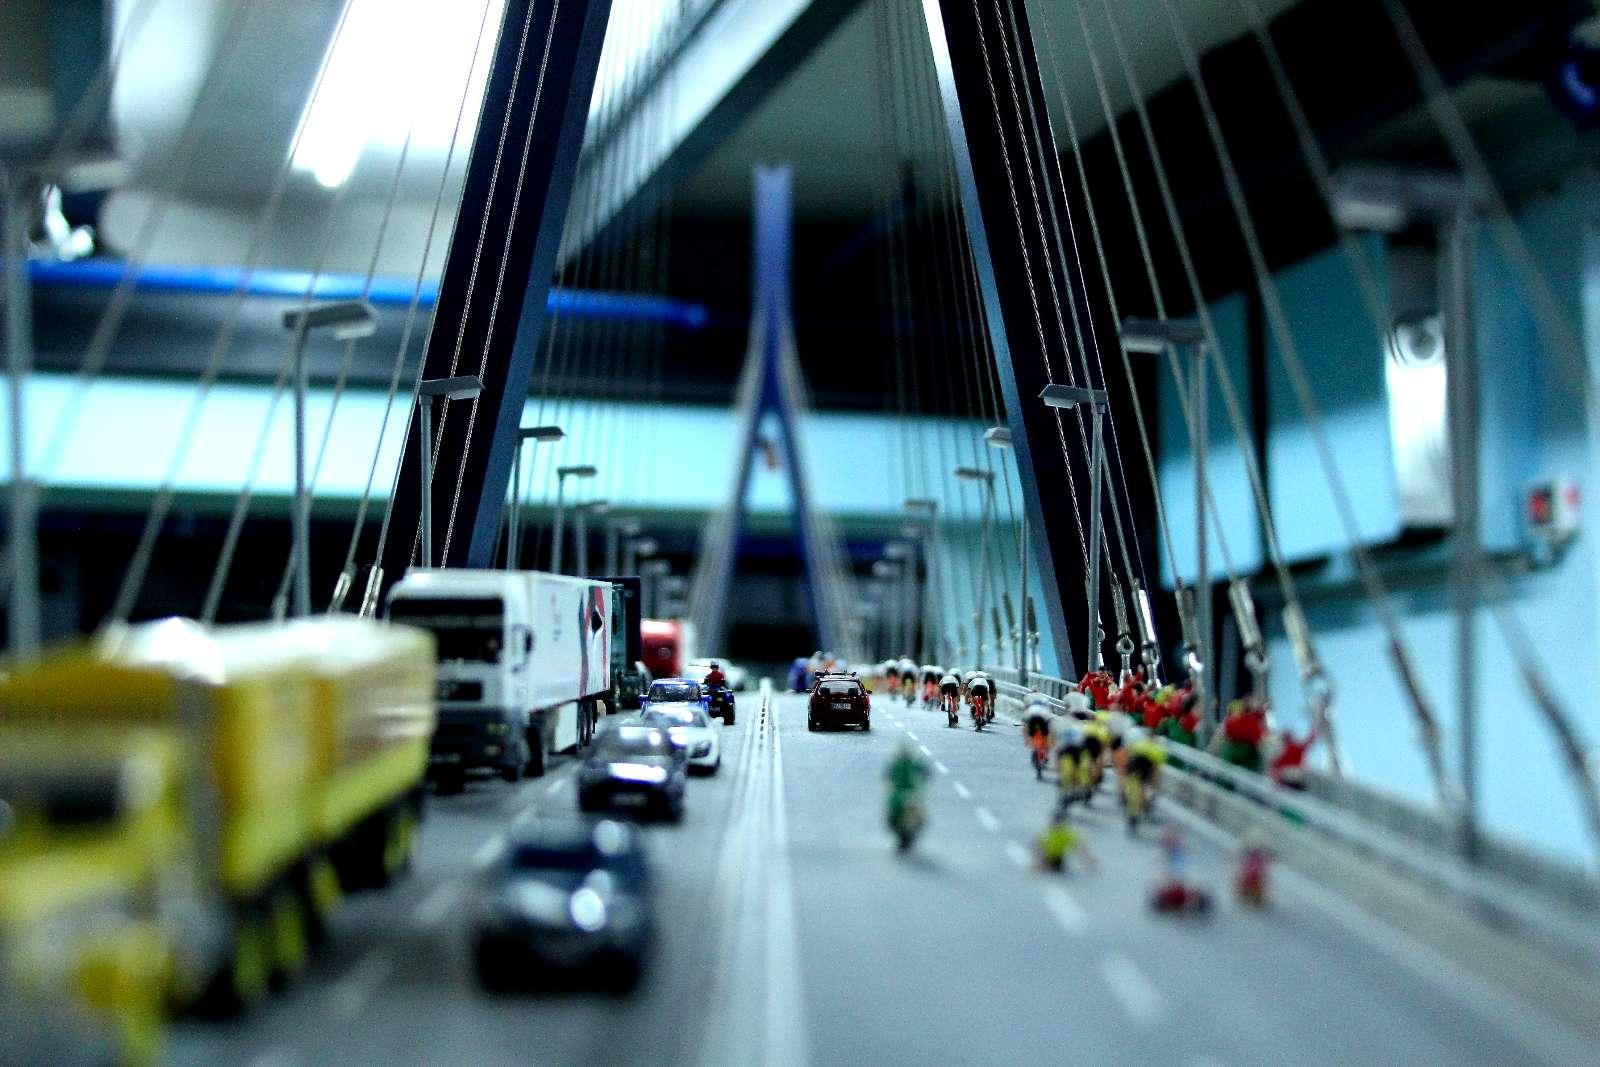 Ein Foto von der Köhlbrandbrücke aus perspektive des extra dafür vorgesehenen Fotospots